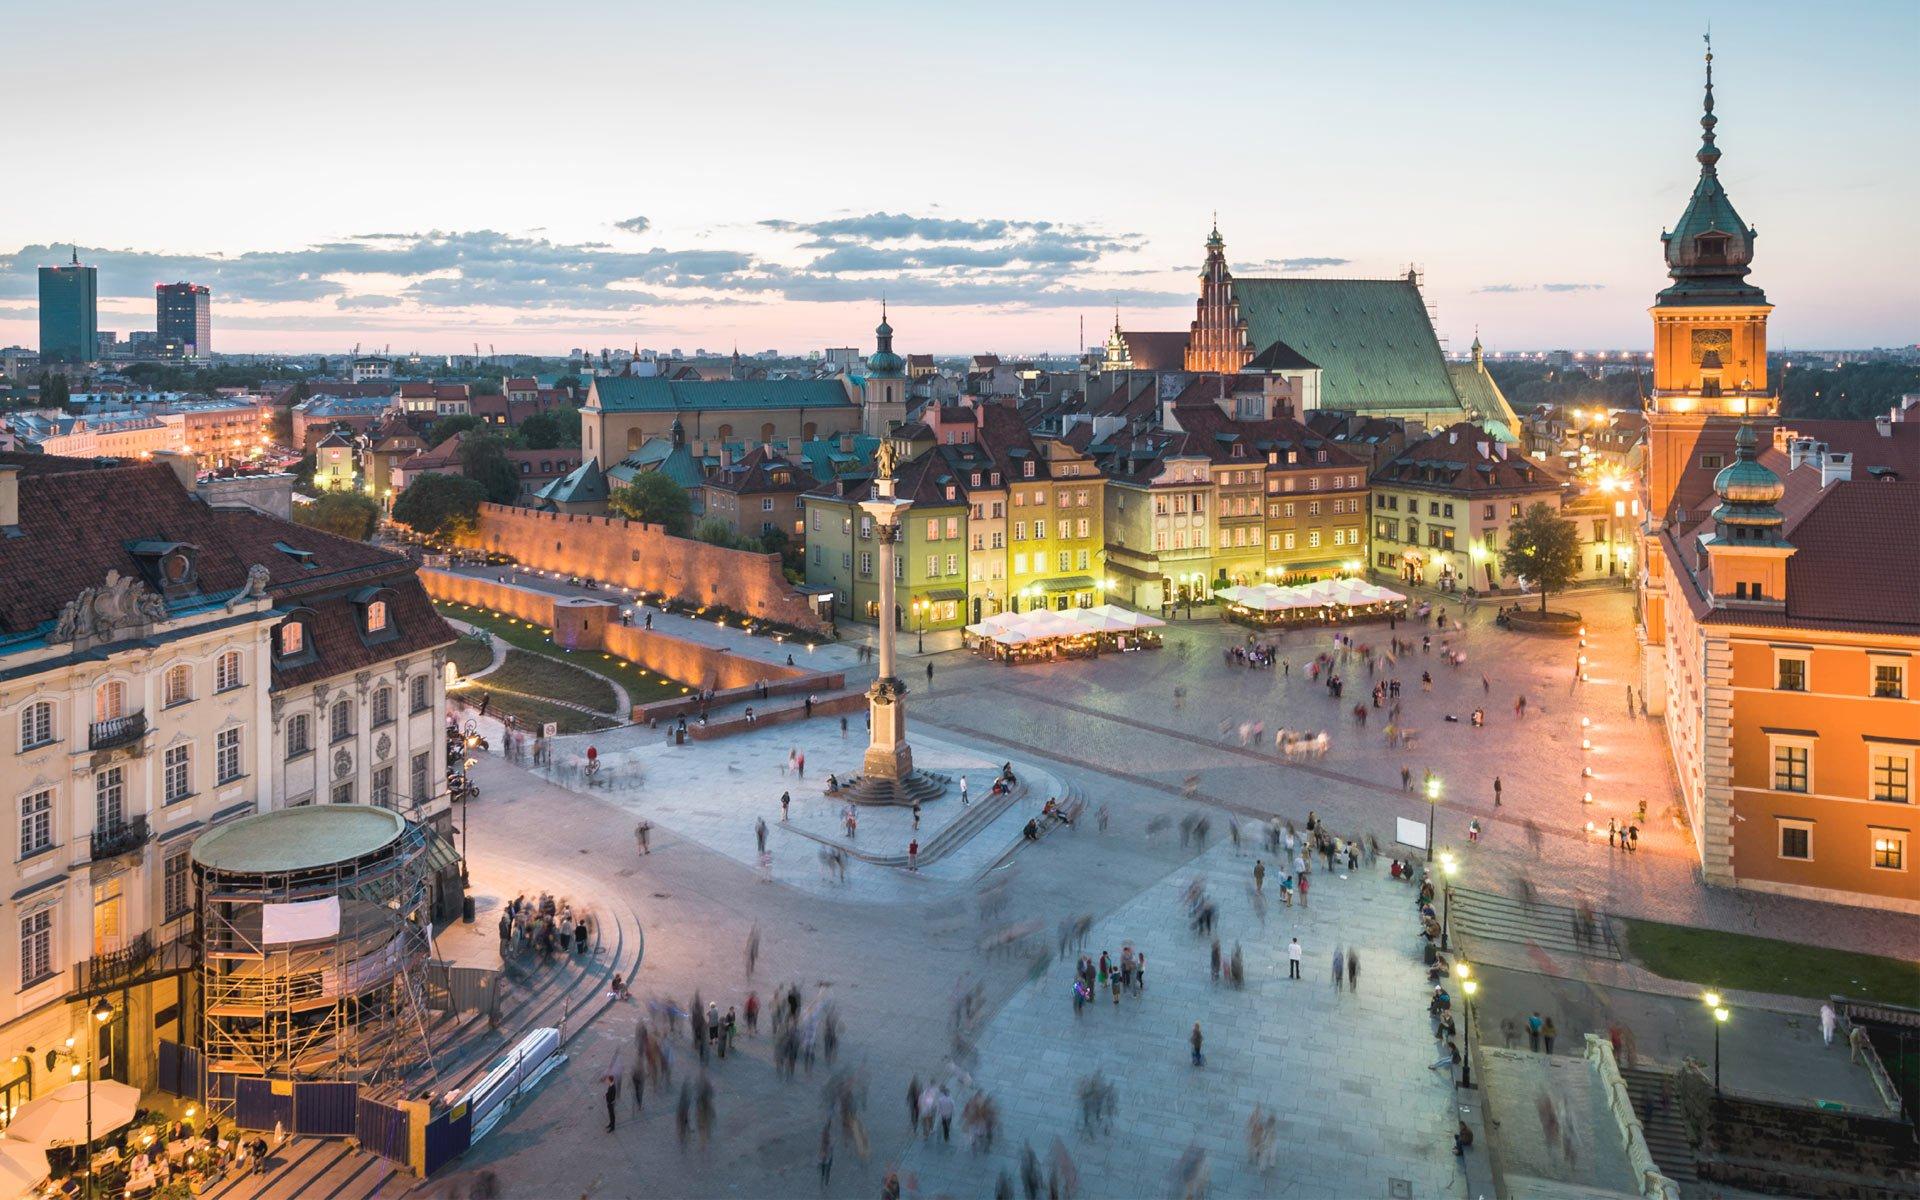 Туризм в Польше и достопримечательности Варшавы